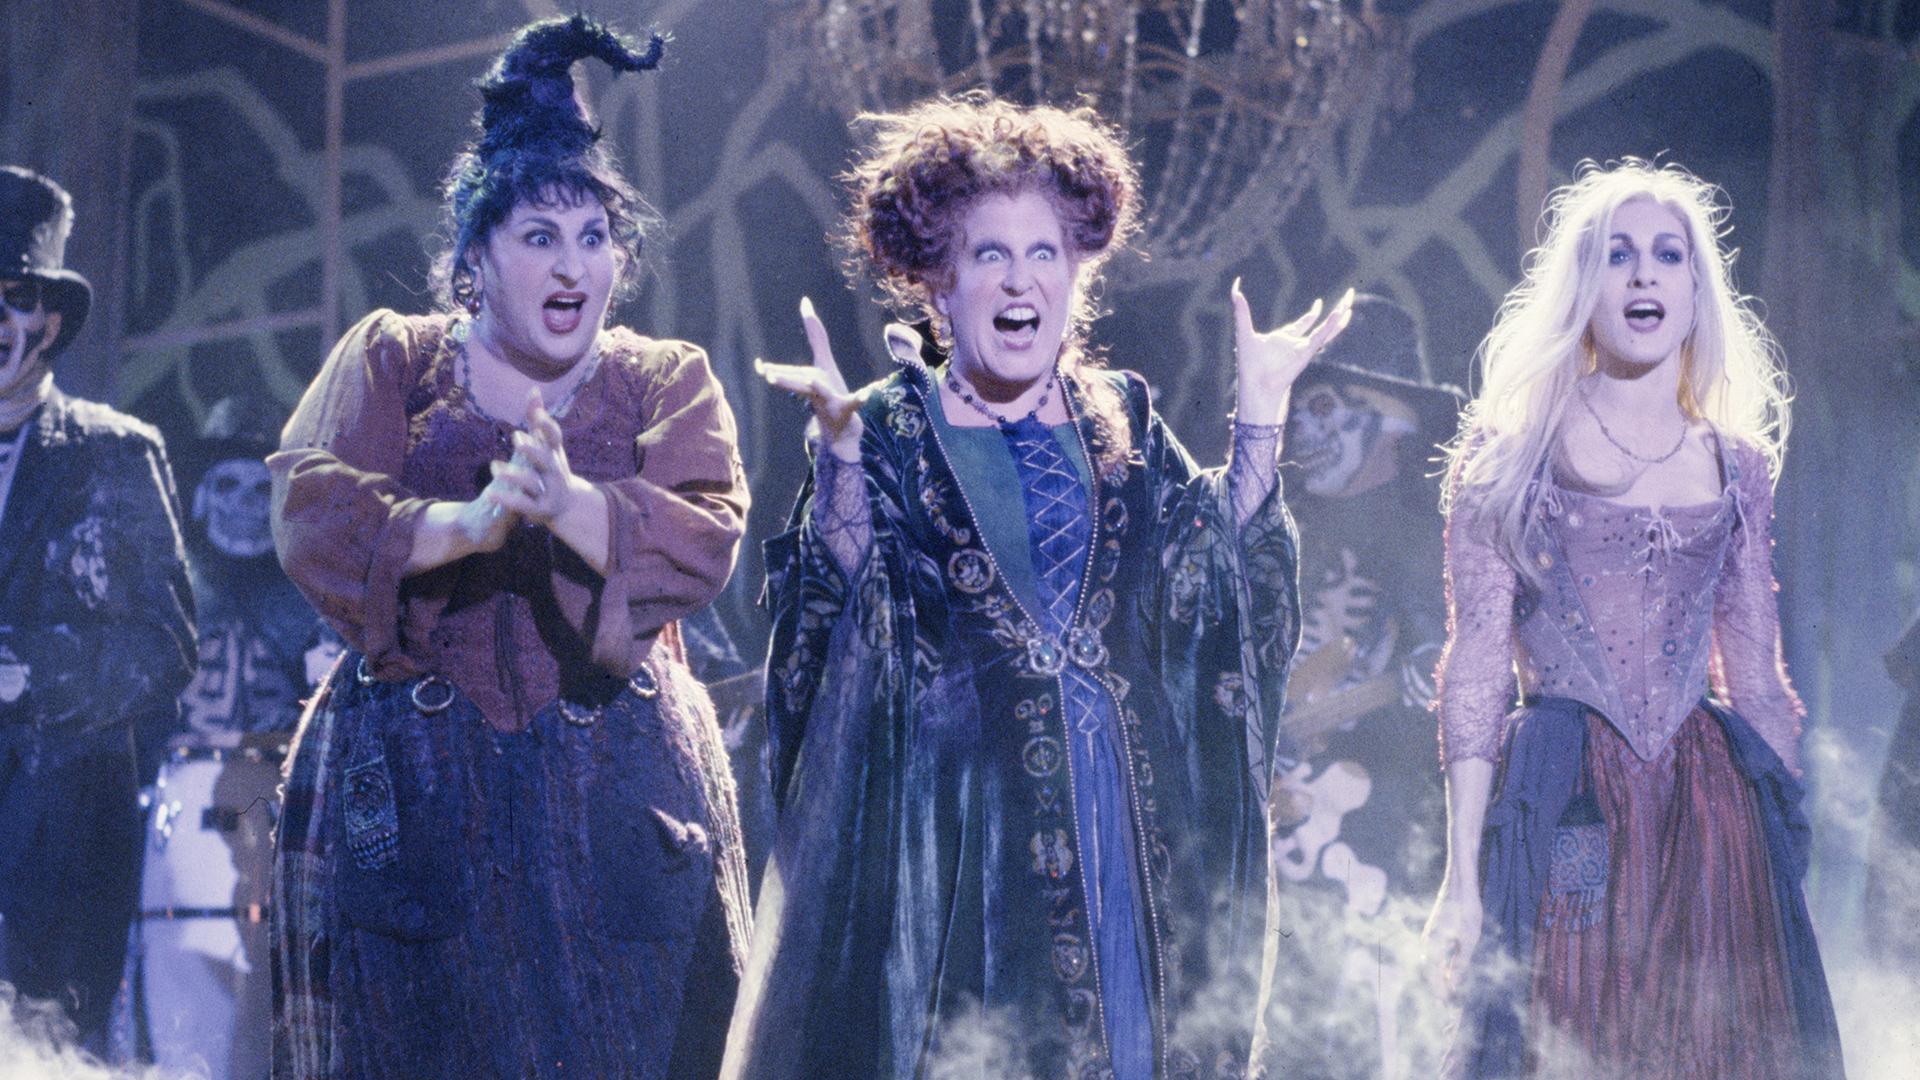 hocus pocus full movie online free no download